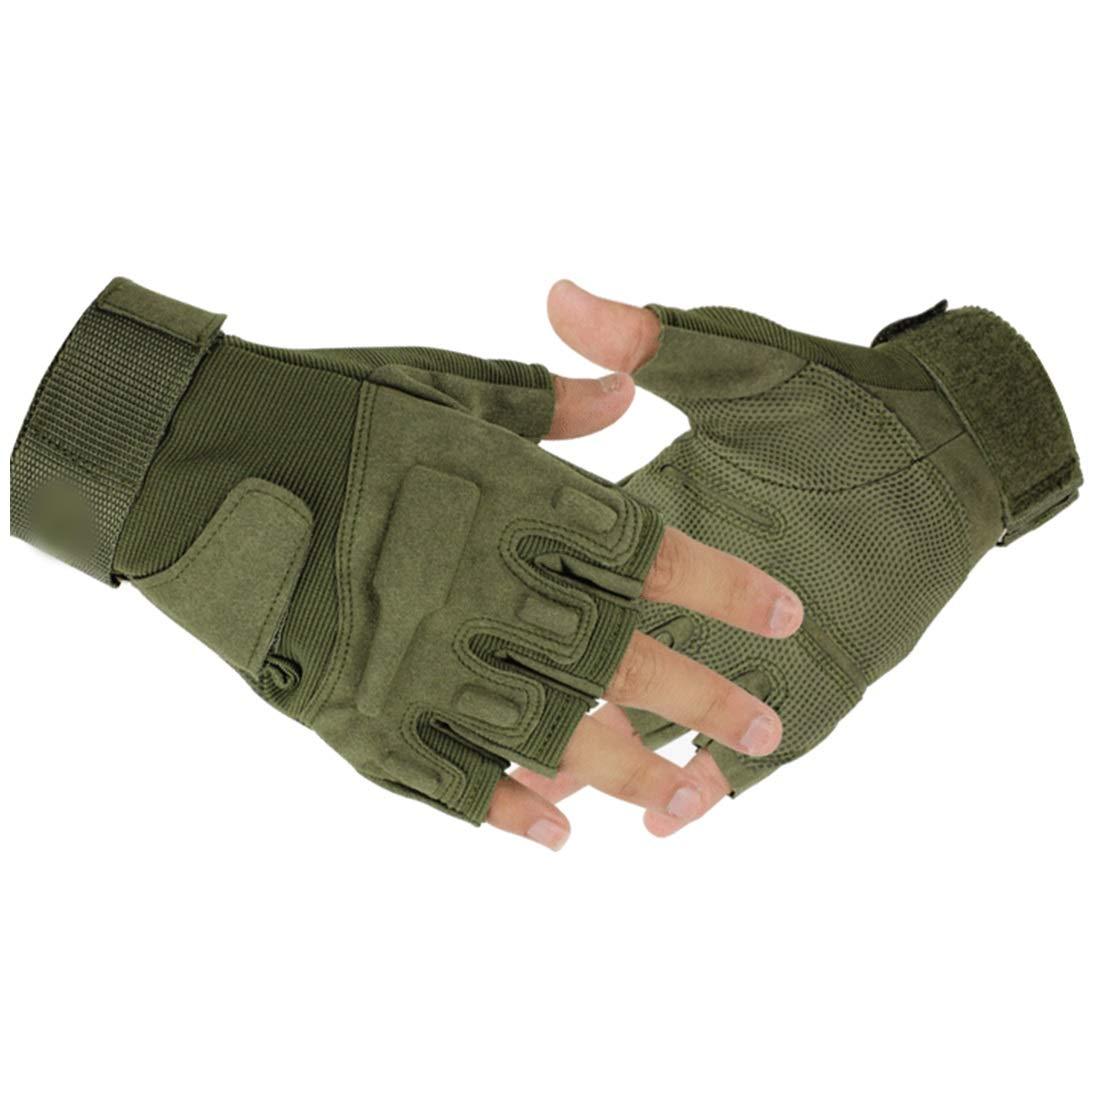 Limeinimukete Black Hawk Outdoor Tactical Handschuhe Half Finger Handschuhe Herren Handschuhe Outdoor Radfahren Sport Fitness Handschuhe